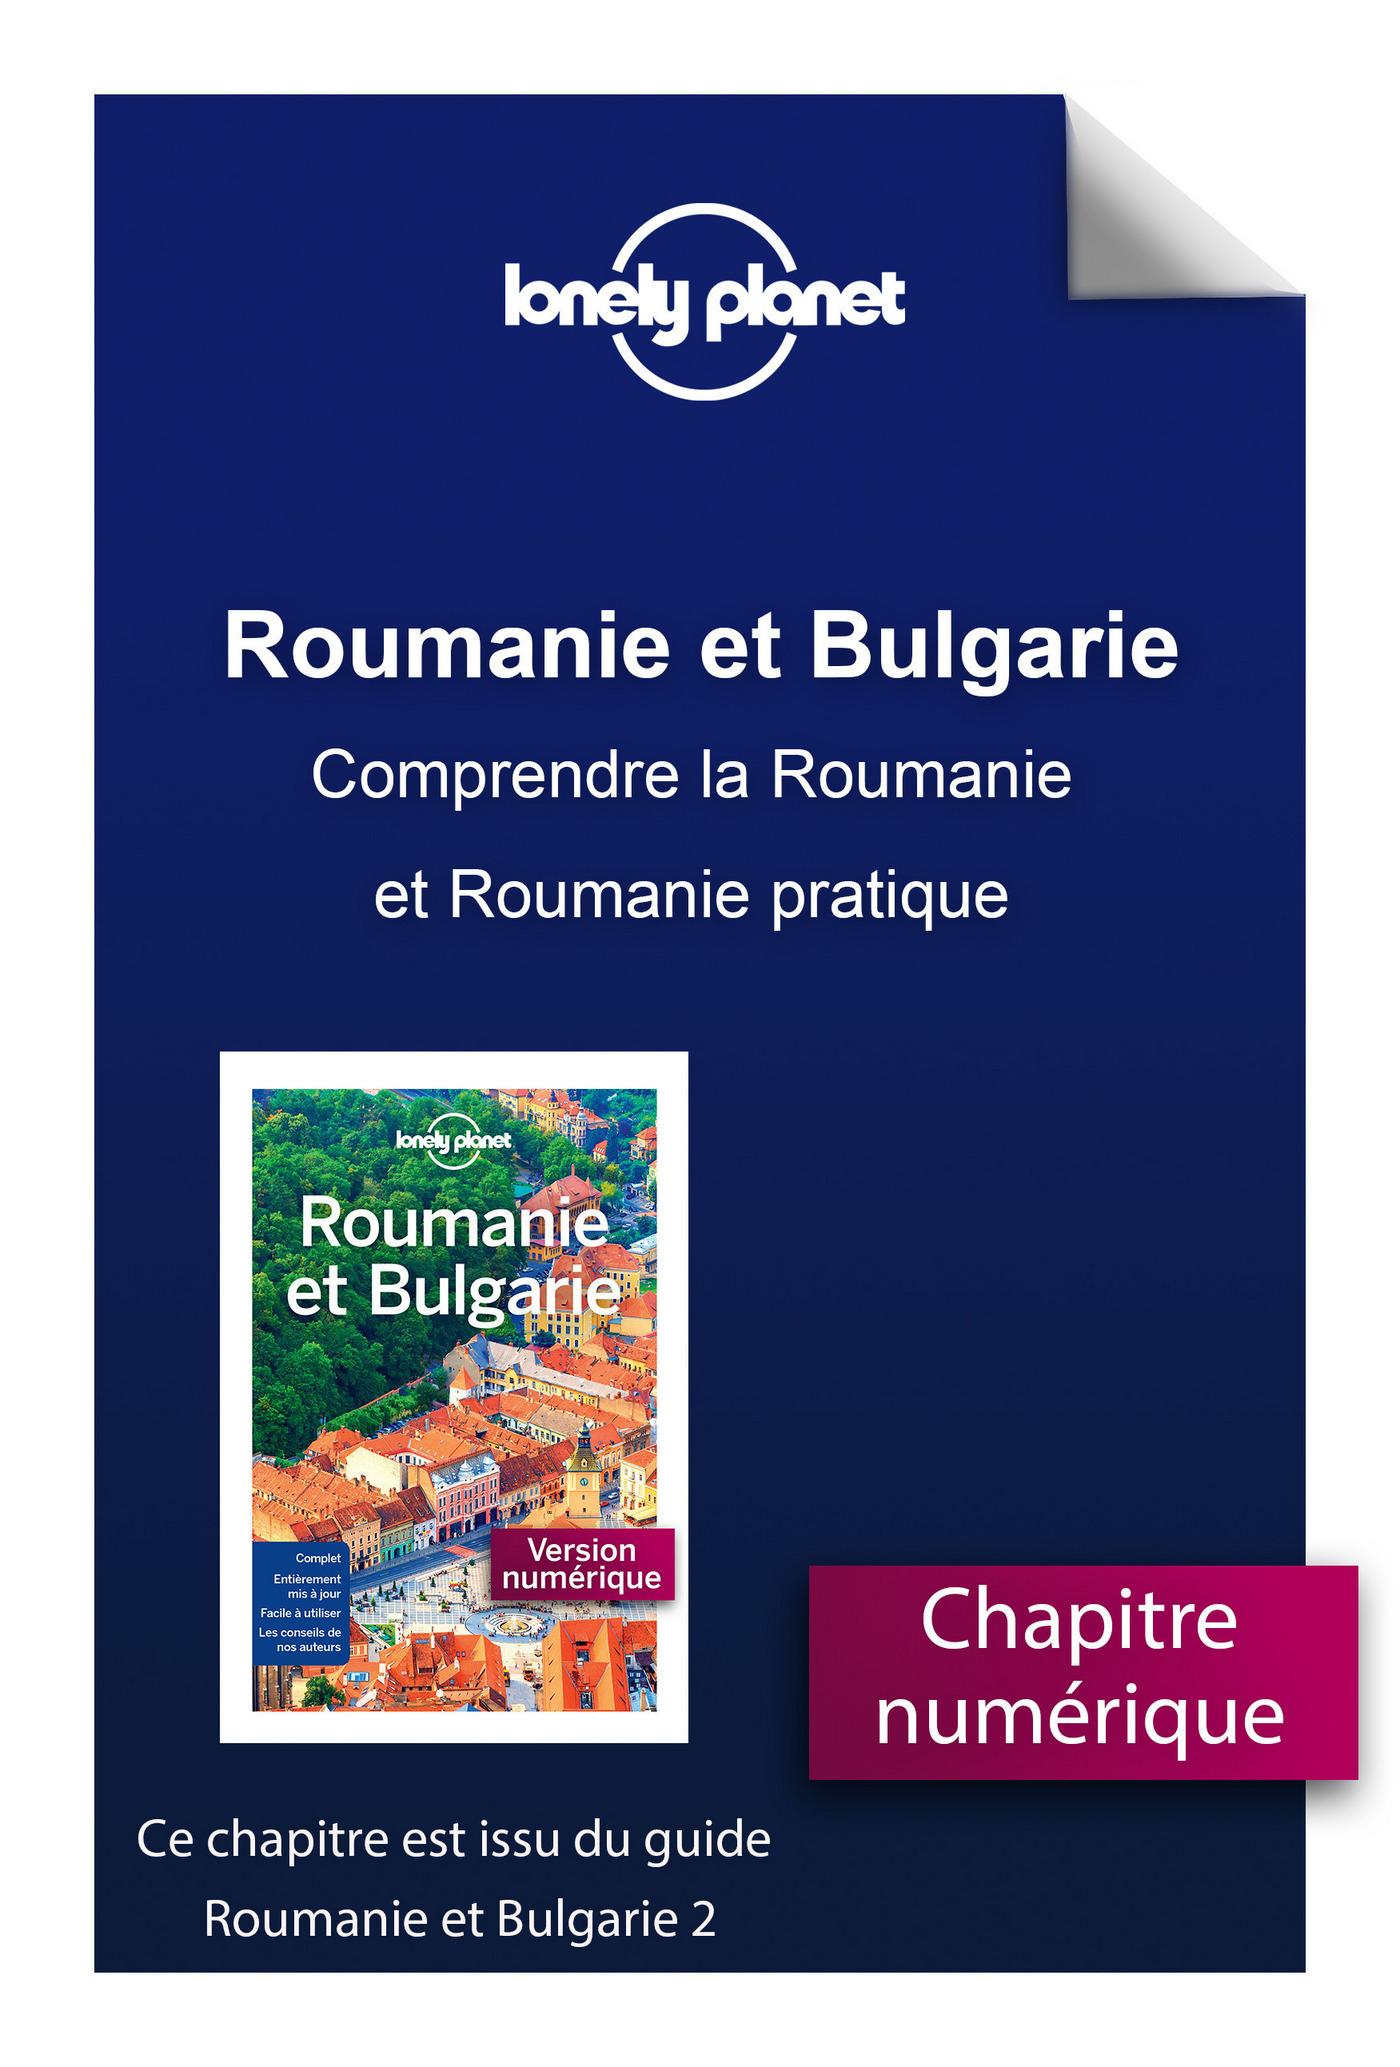 Roumanie et Bulgarie - Comprendre la Roumanie et Roumanie pratique